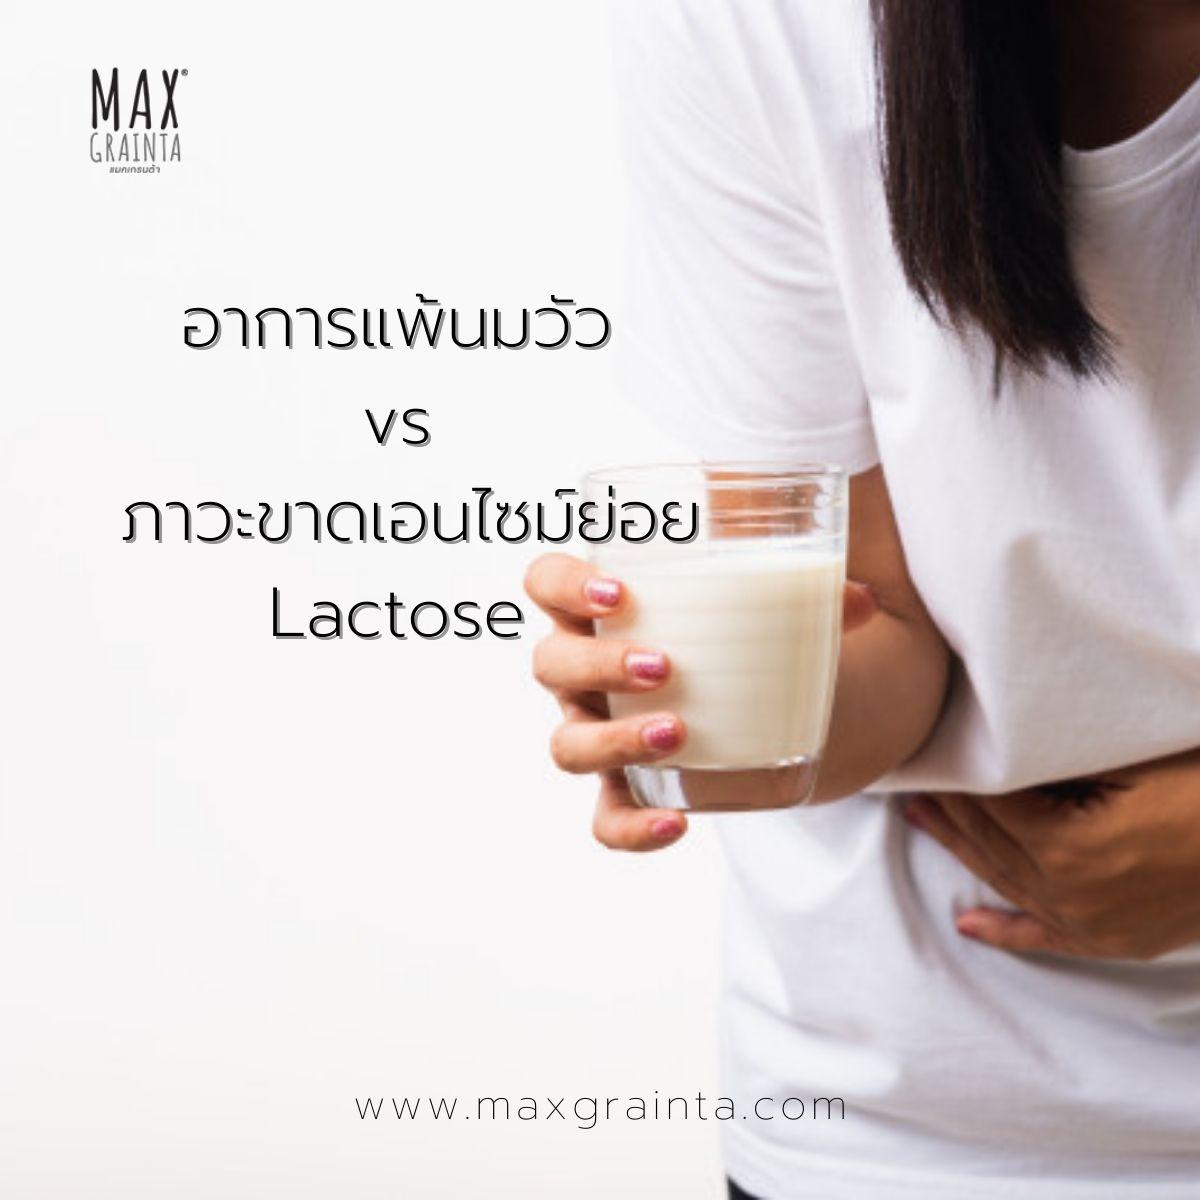 อาการแพ้นมวัว vs ภาวะขาดเอนไซม์ย่อย Lactose